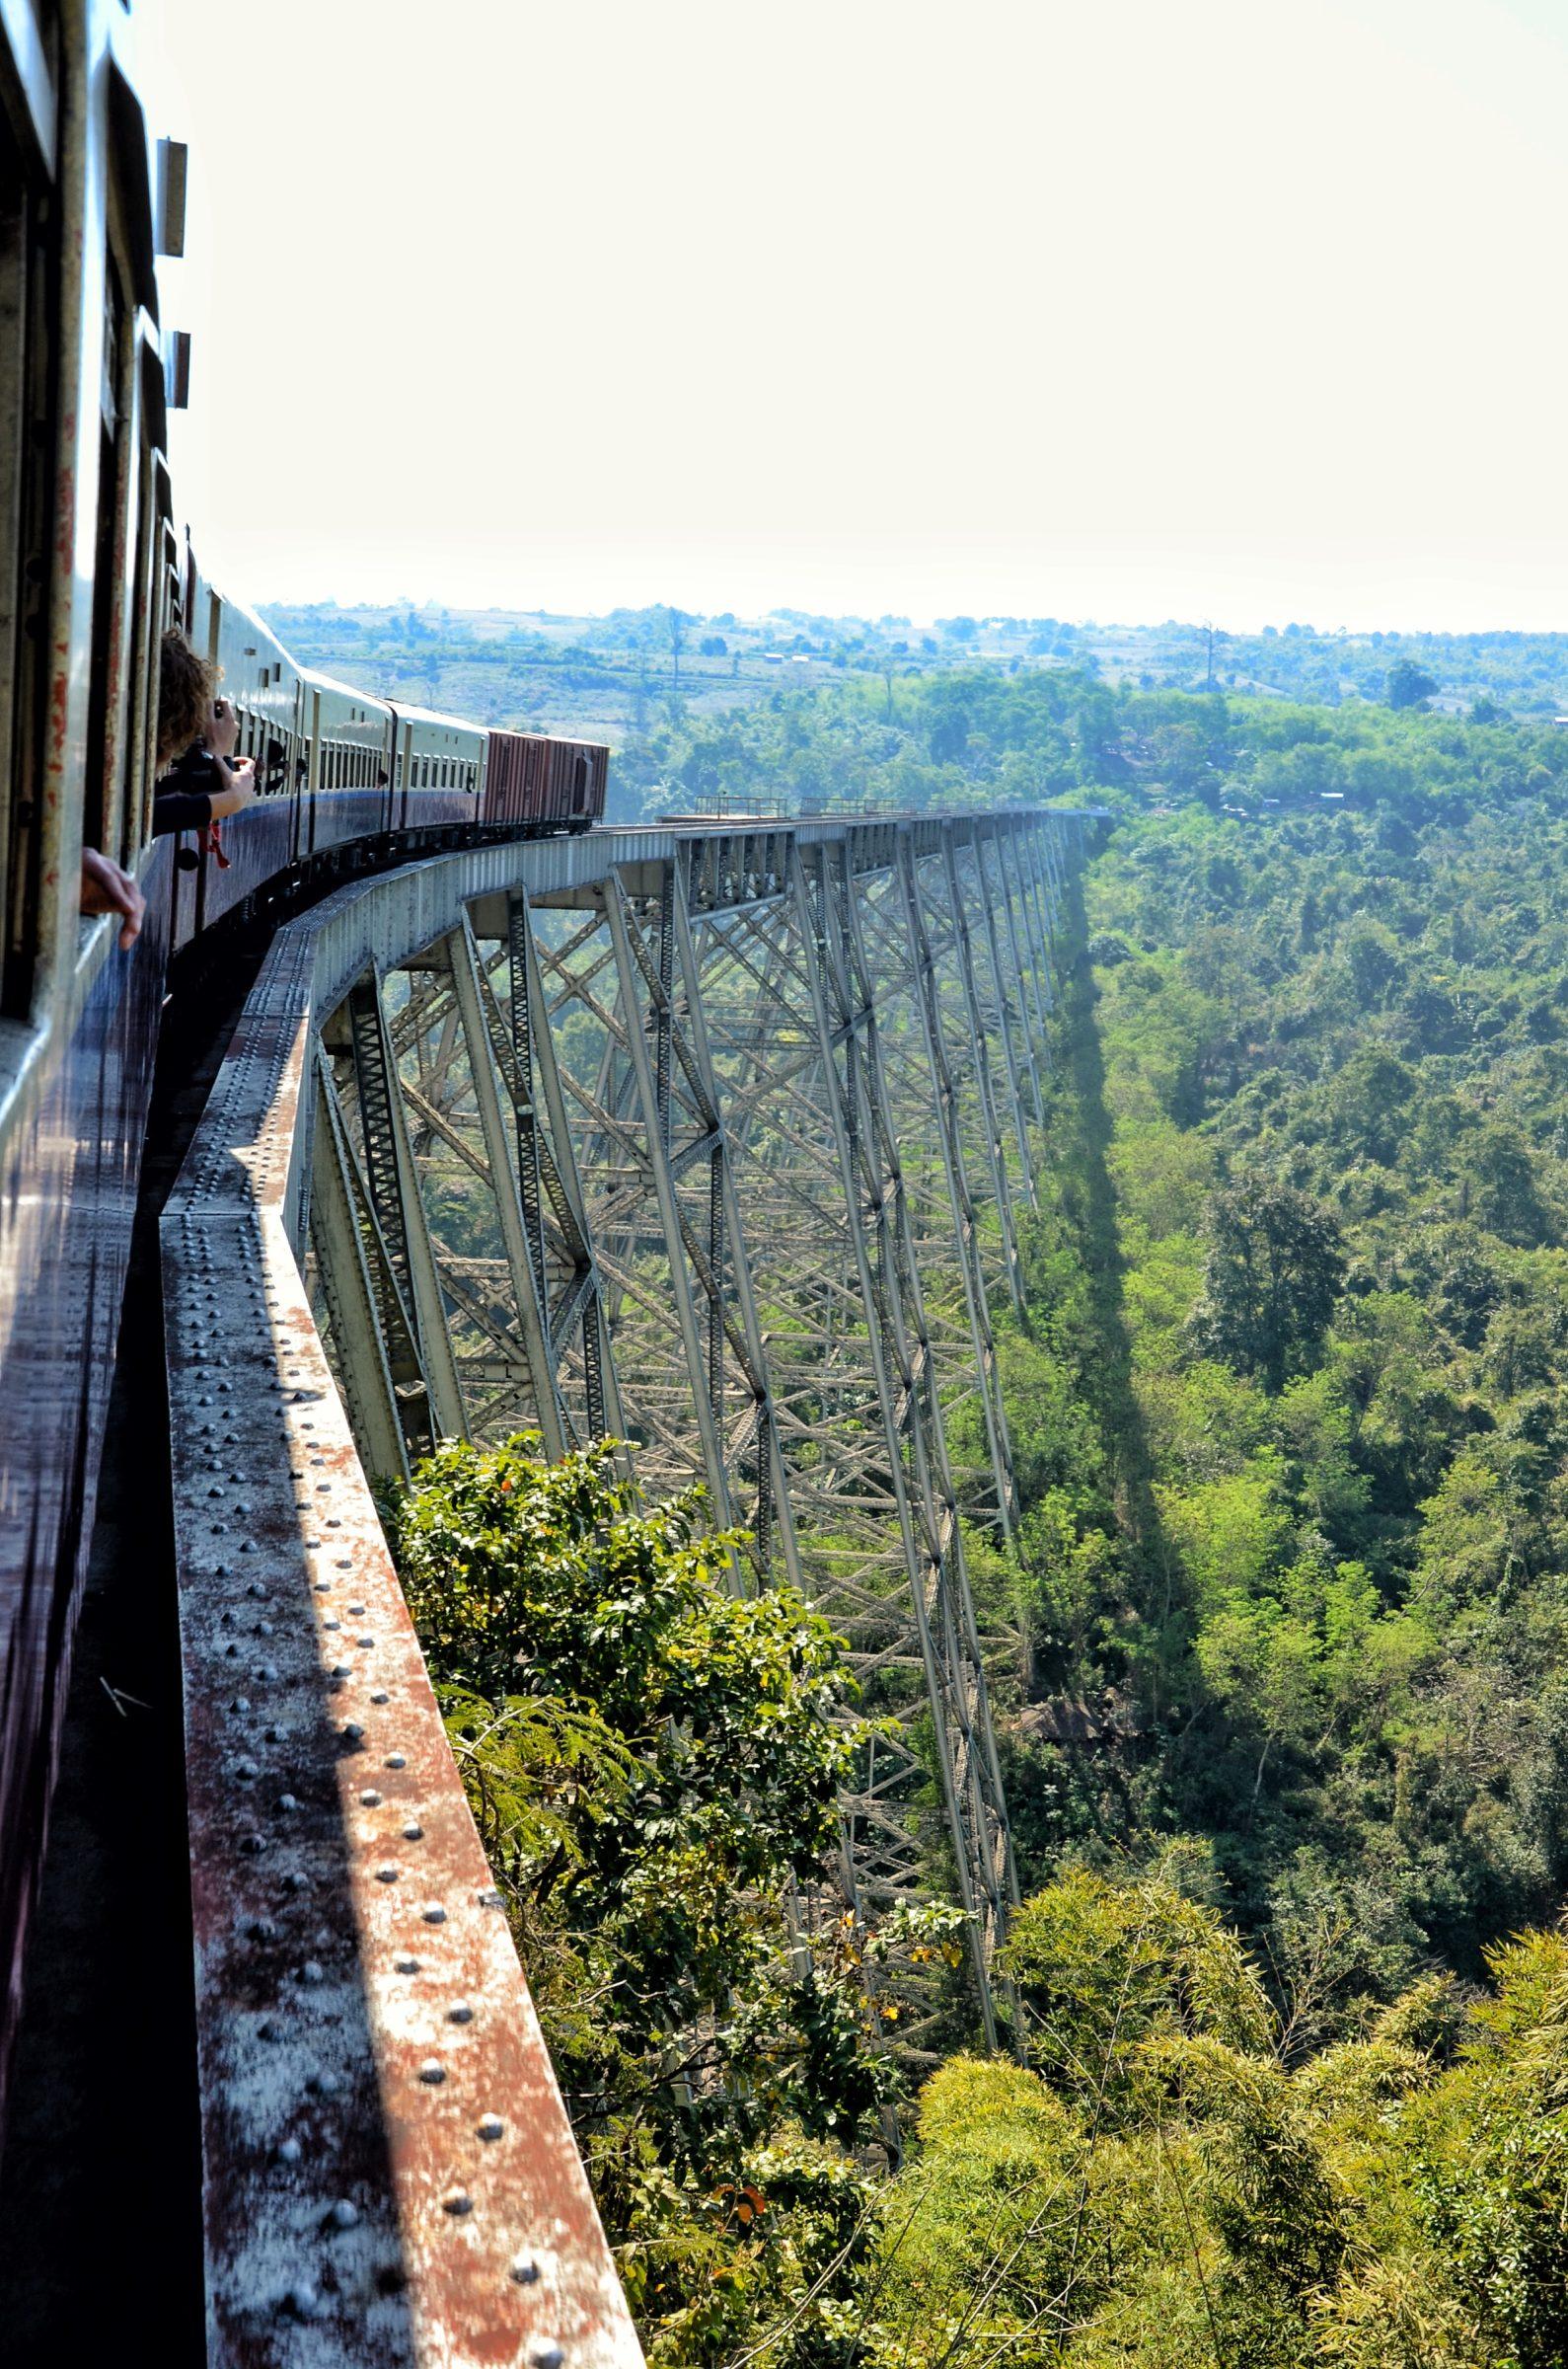 Gokteik viaduct - bizarre constructie